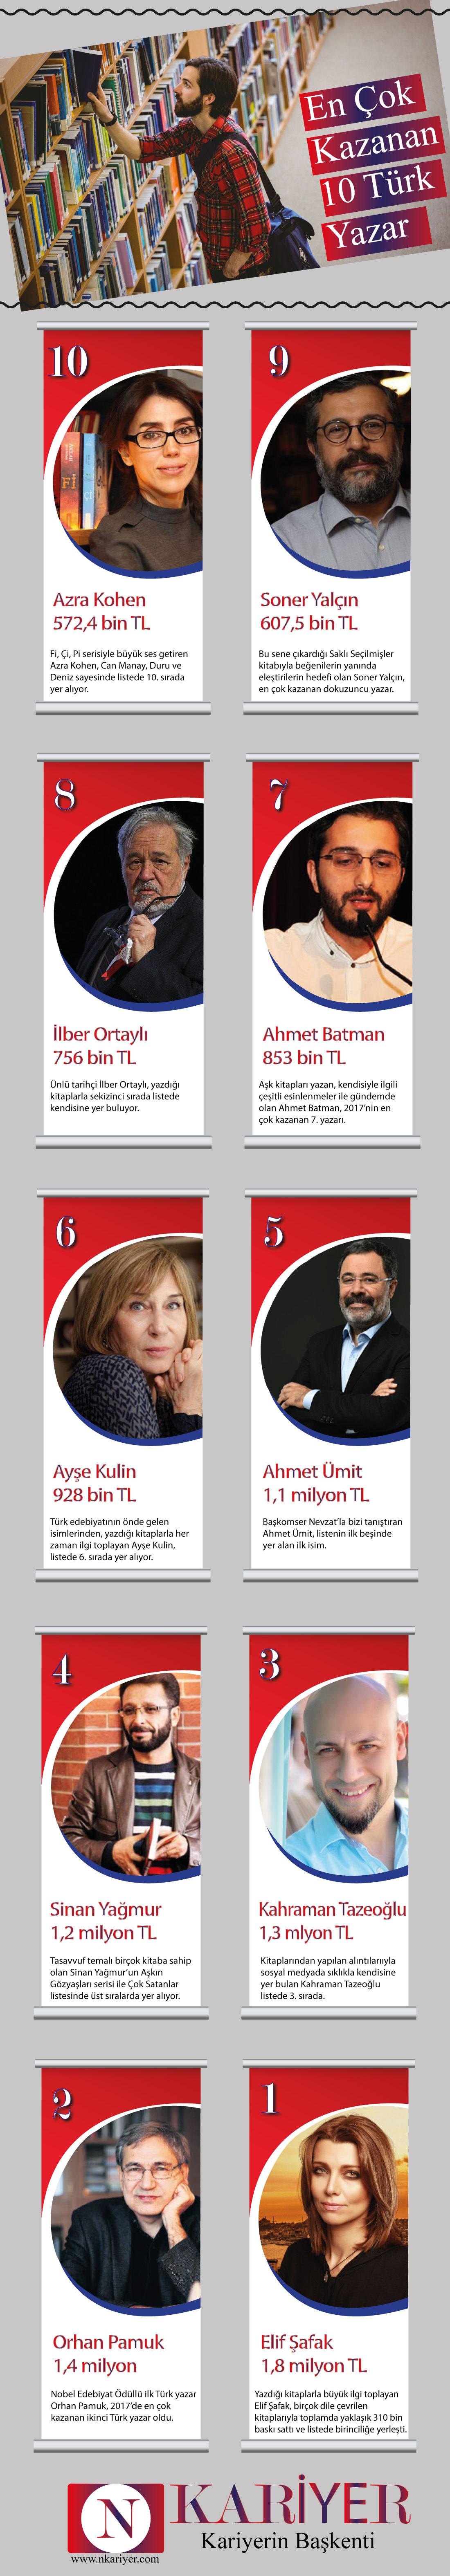 en-cok-kazanan-turk-yazarlar